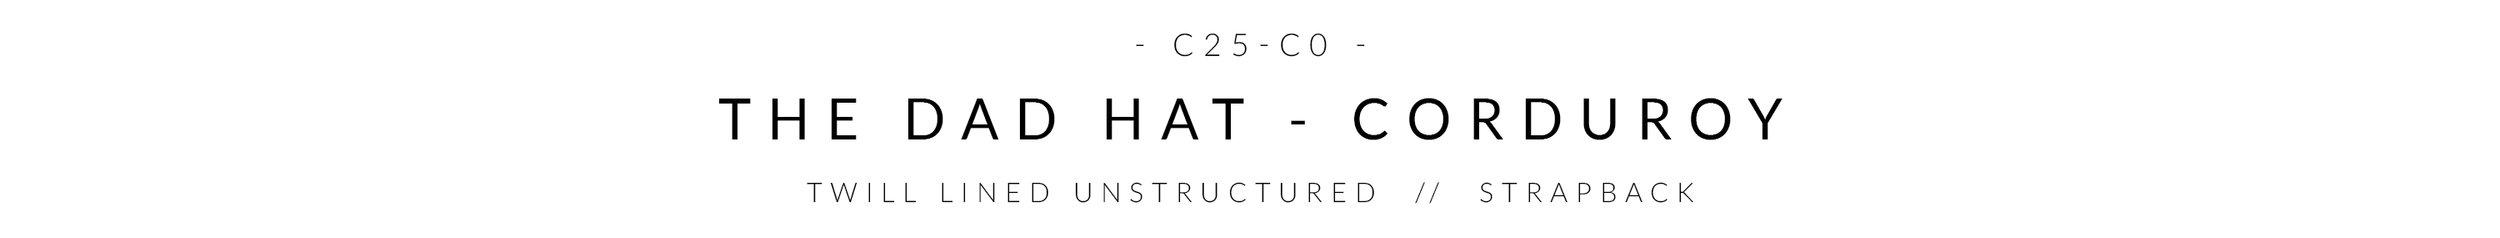 c25-CO WEB HEADER.jpg